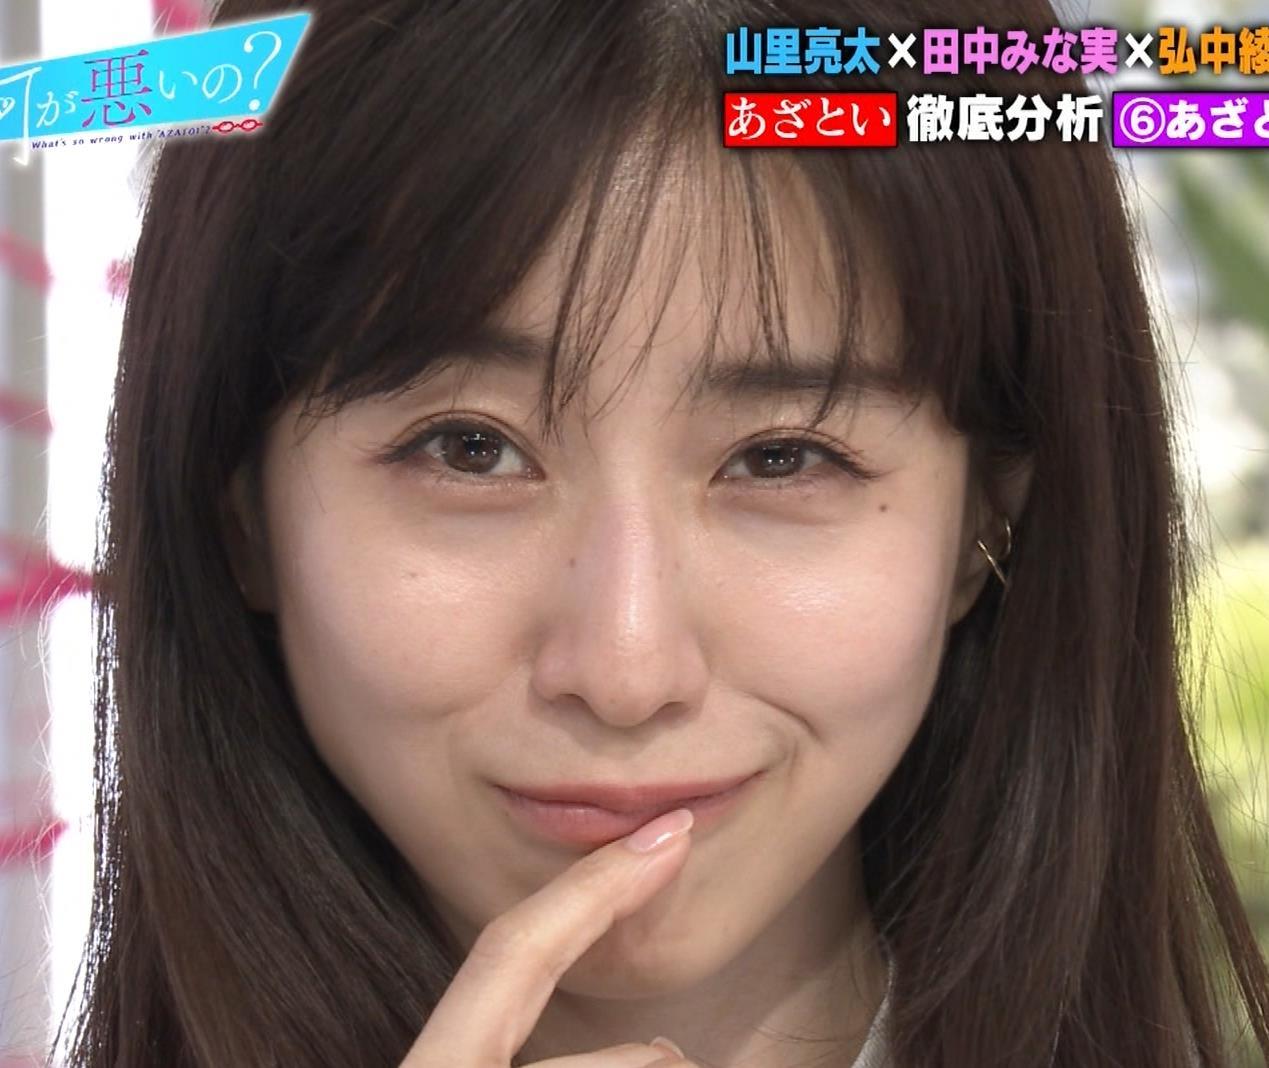 田中みな実 横乳&ワキエロキャプ・エロ画像14